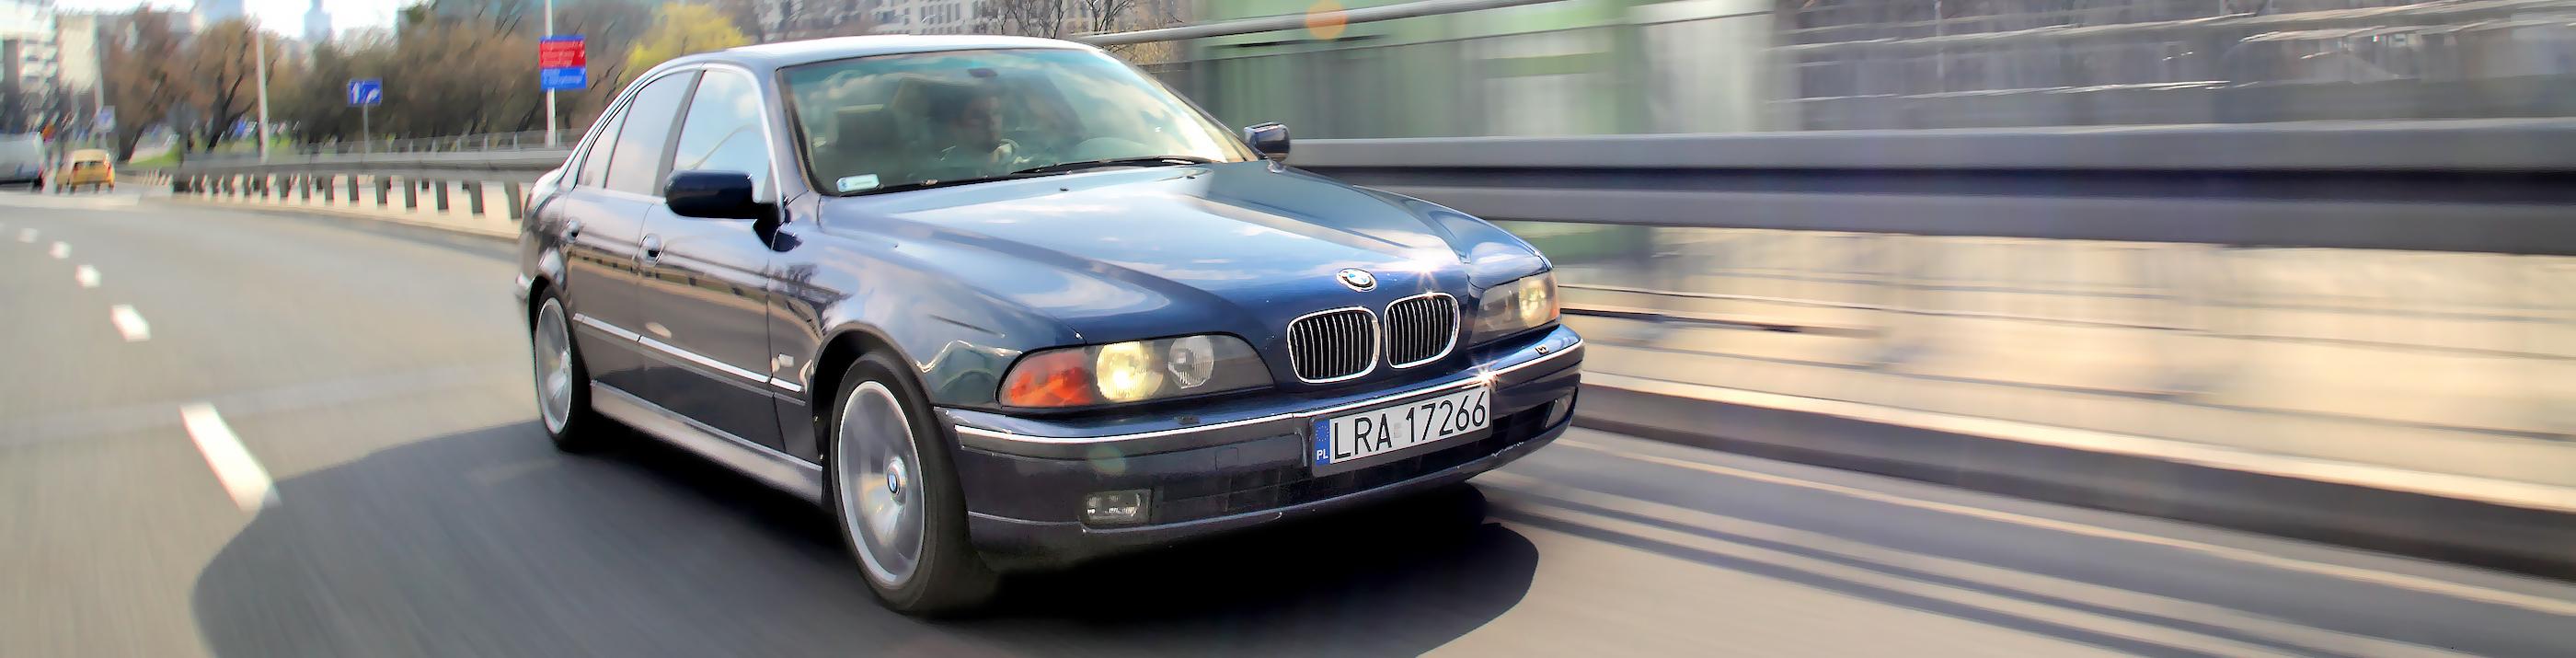 BMW serii 5 (E39)